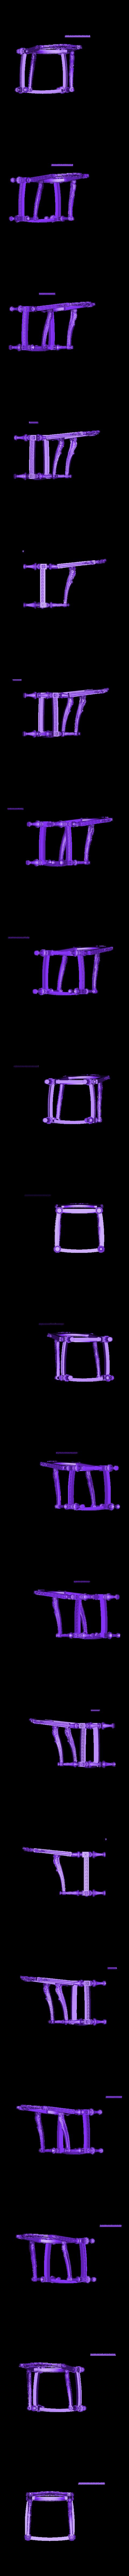 003.stl Télécharger fichier STL gratuit chaise renaissance • Plan pour imprimante 3D, 3DPrinterFiles